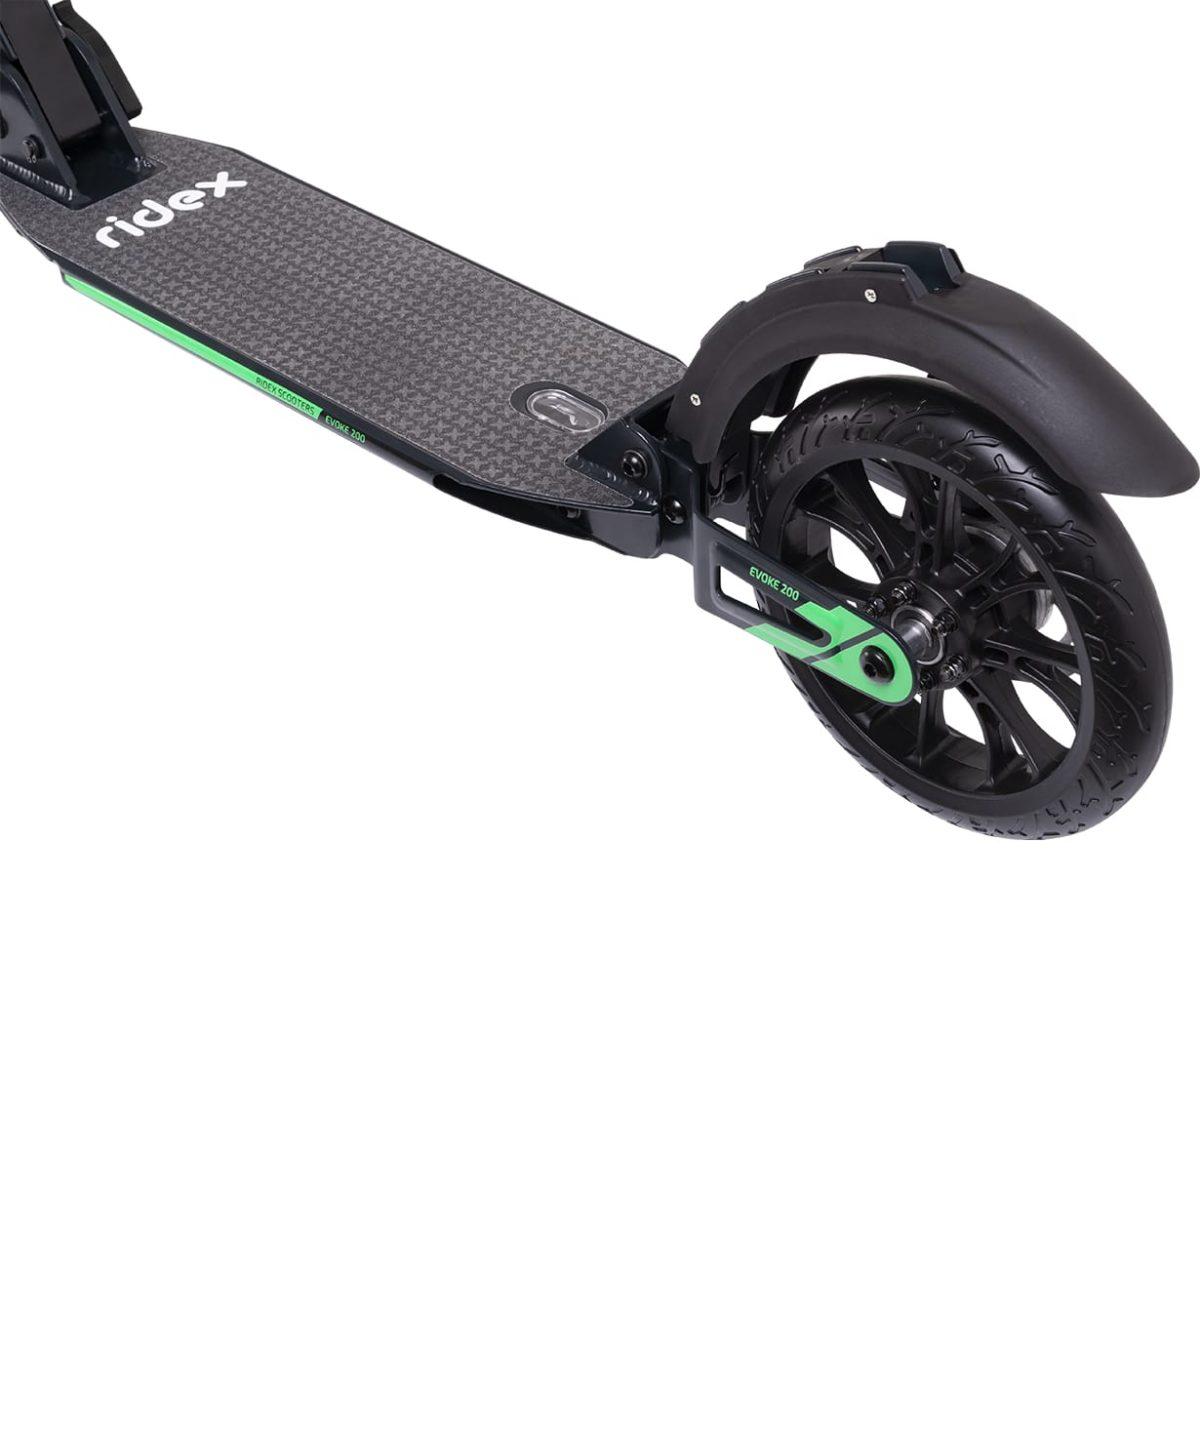 RIDEX Evoke Самокат 2-колесный с дисковым тормозом 200 мм  Evoke: зелёный - 5